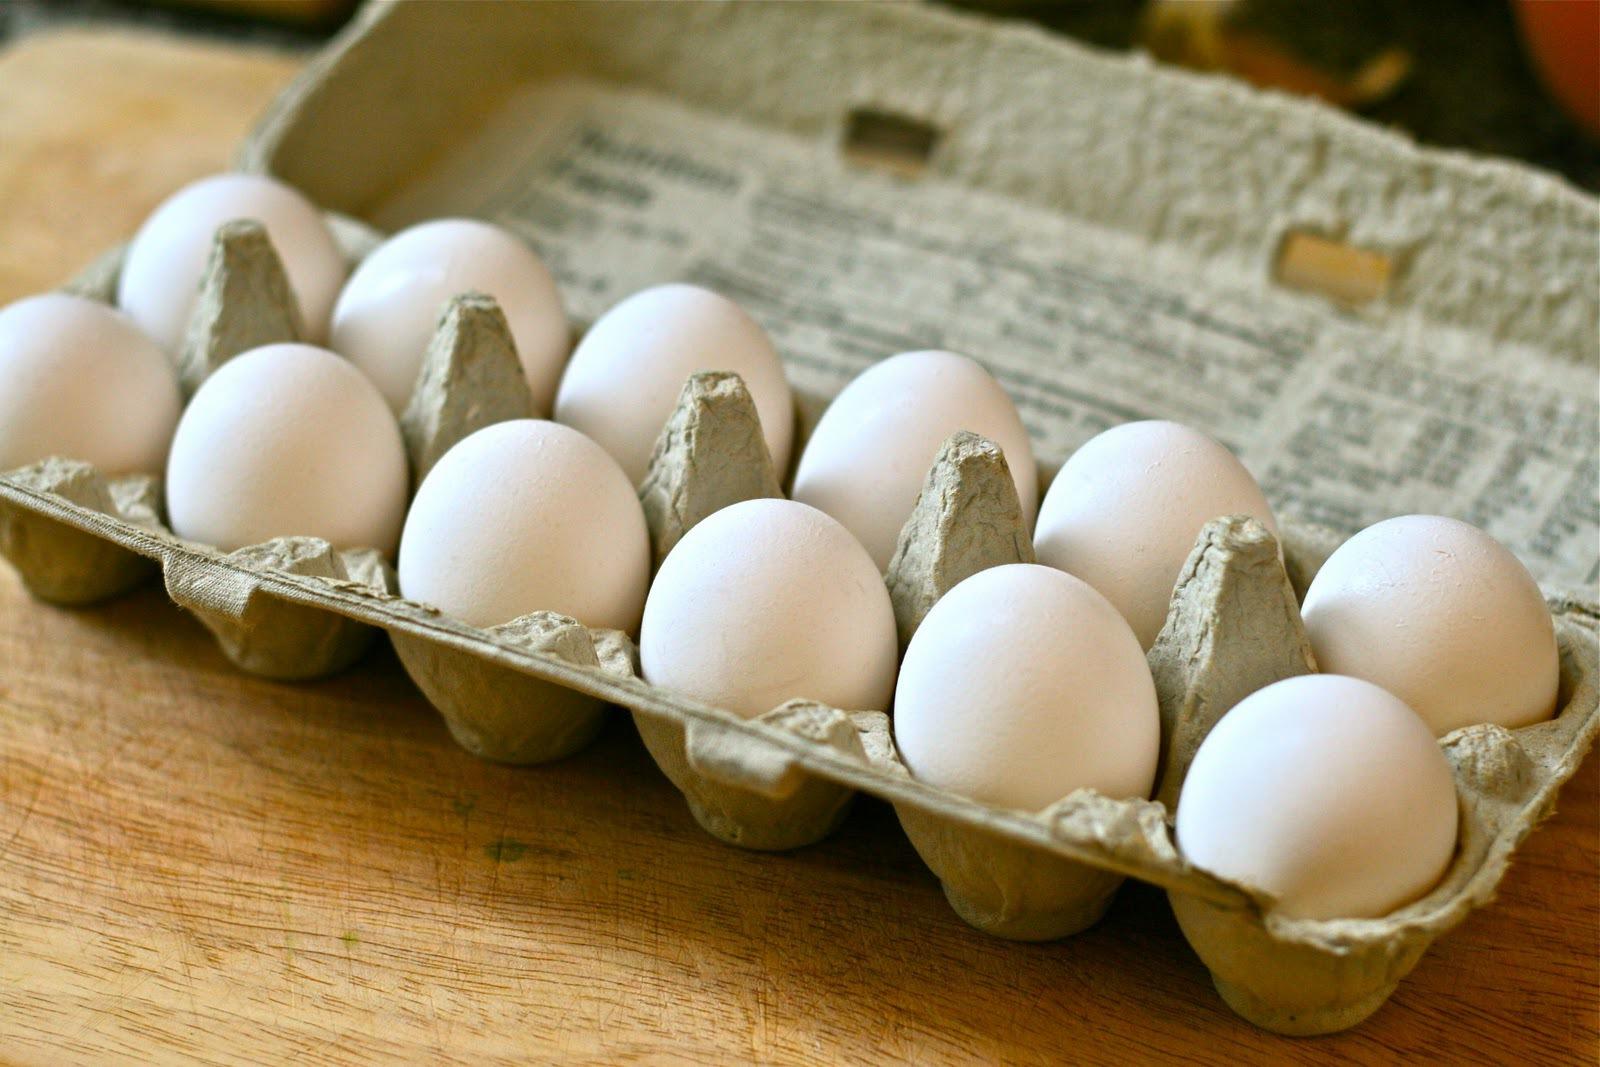 Consiliul Concurenţei investighează principalii furnizori de ouă cu privire la majorarea artificială a preţurilor